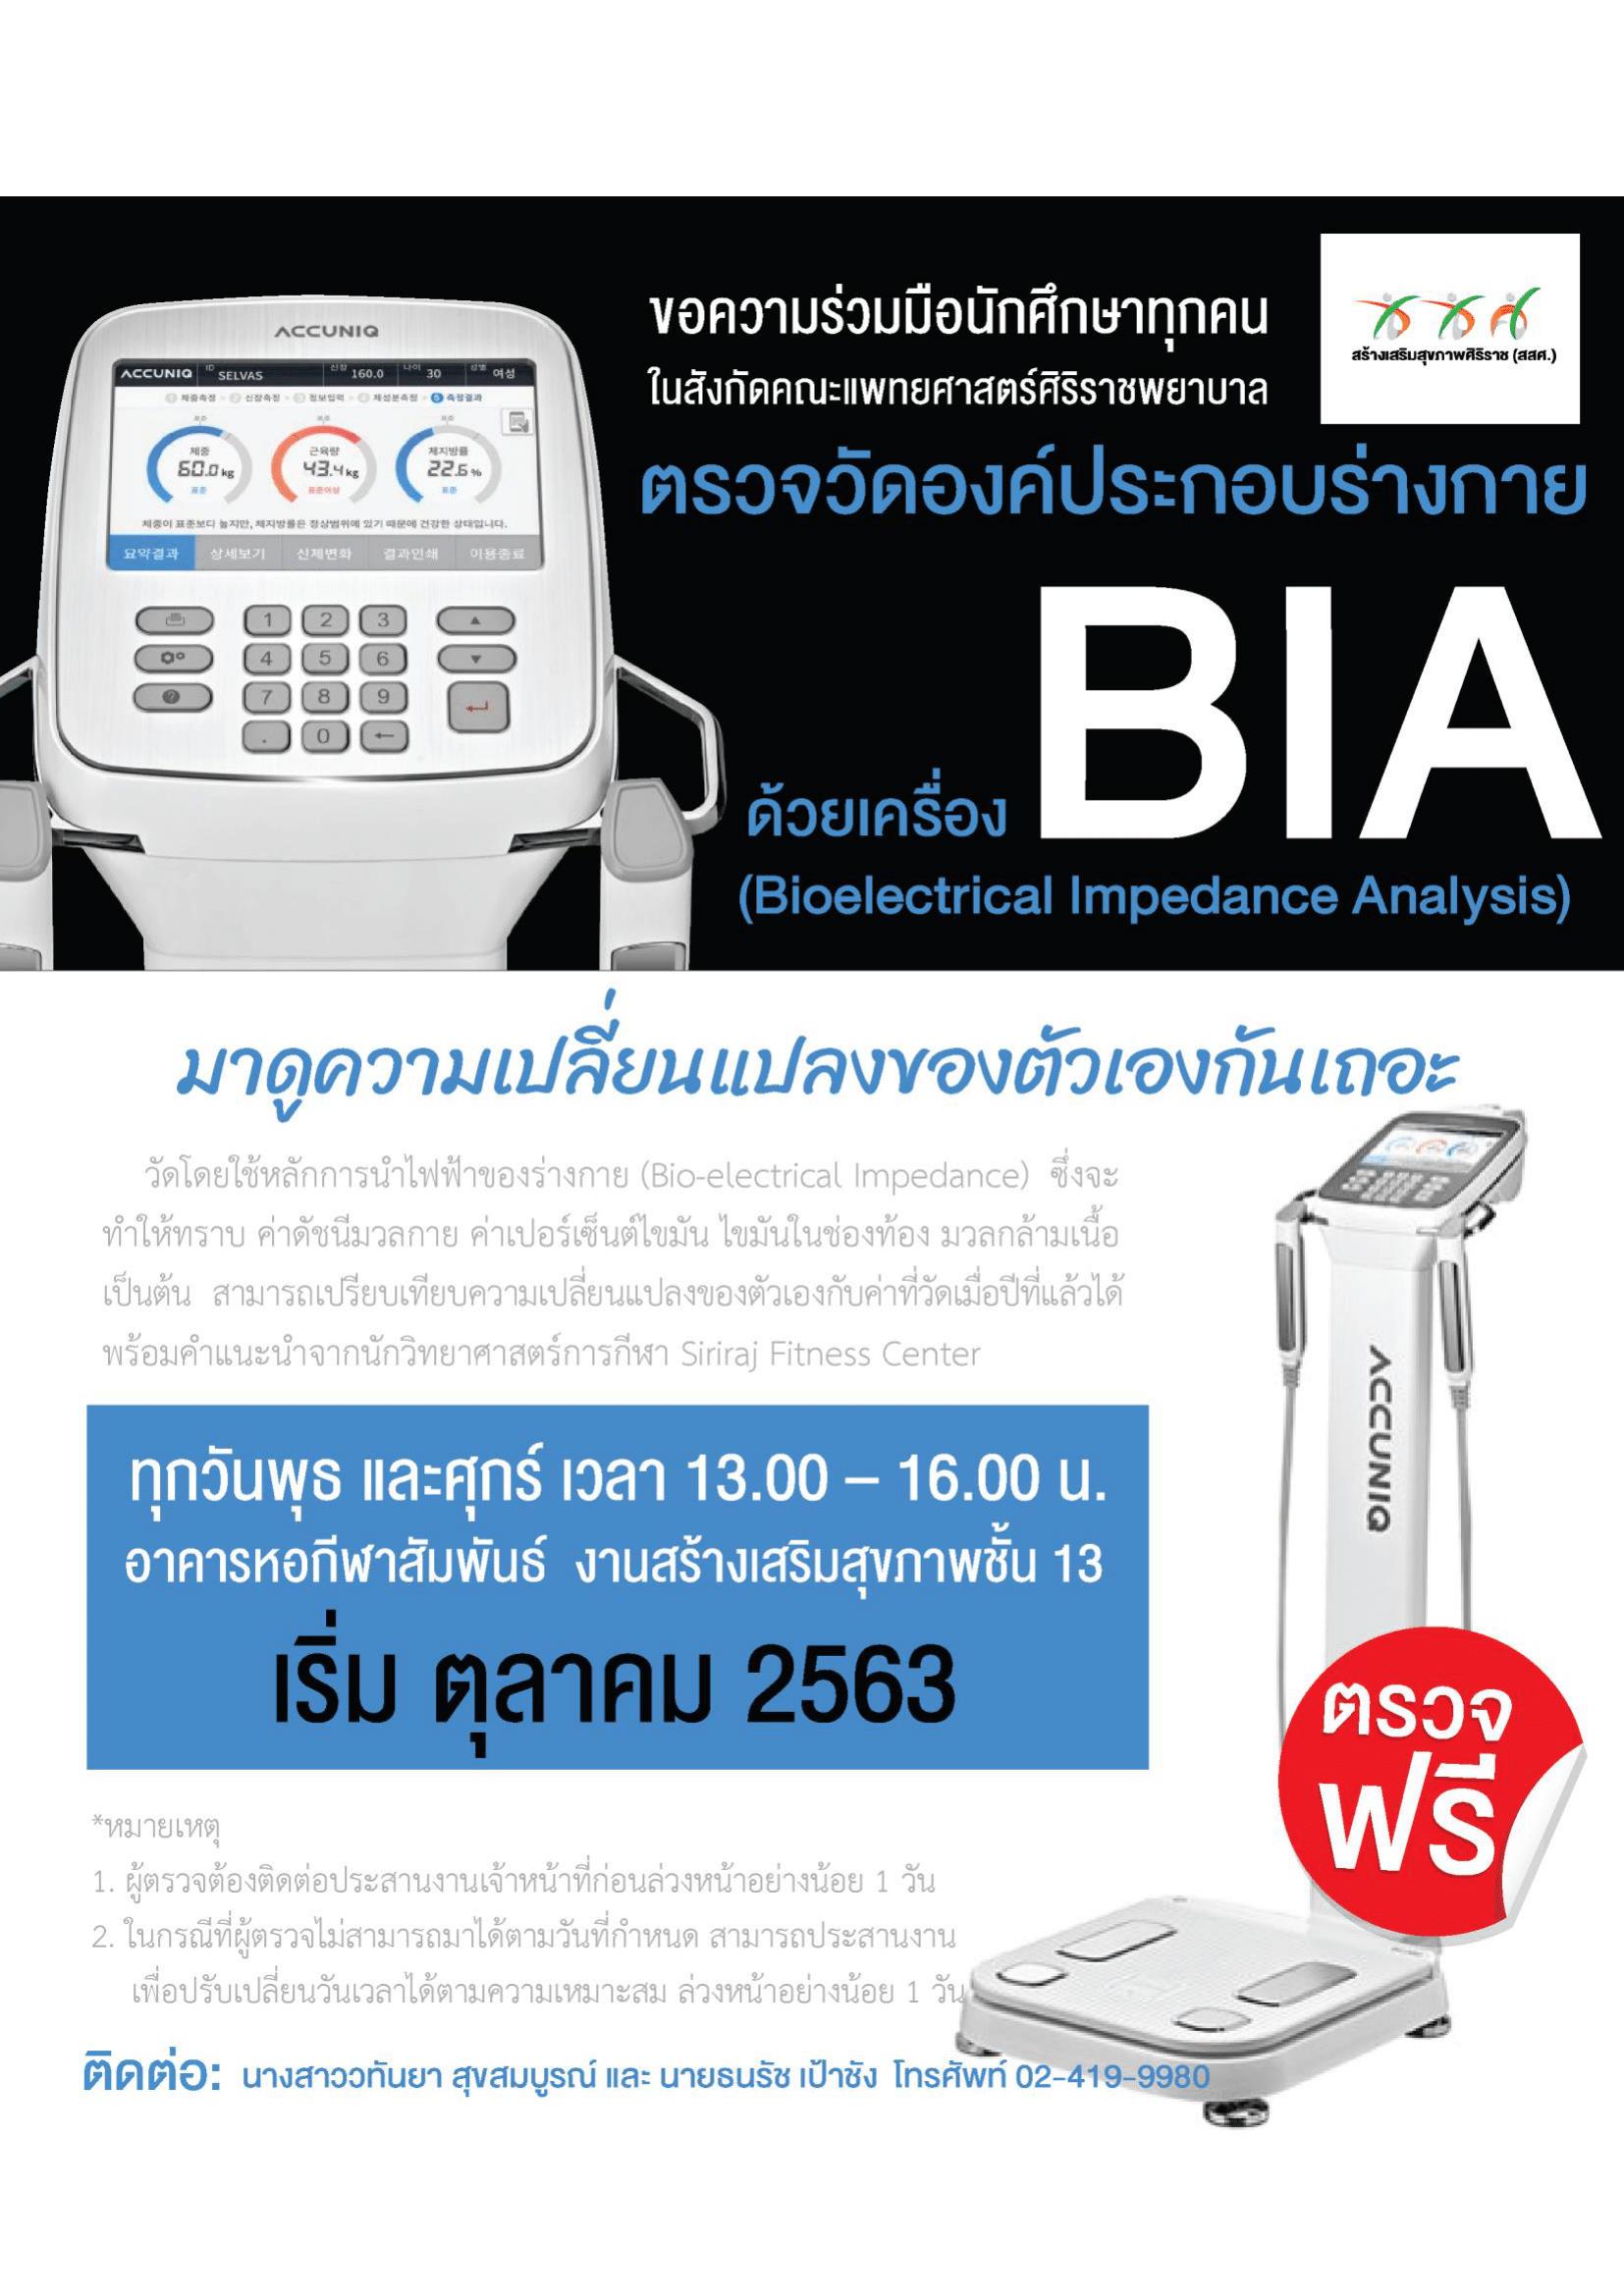 ขอความร่วมมือนักศึกษาบัณฑิตศึกษาใหม่ (รหัสนักศึกษา 63) เข้ารับการตรวจวัดองค์ประกอบของร่างกายด้วยเครื่อง Bioelectrical Impedance Analysis (BIA)